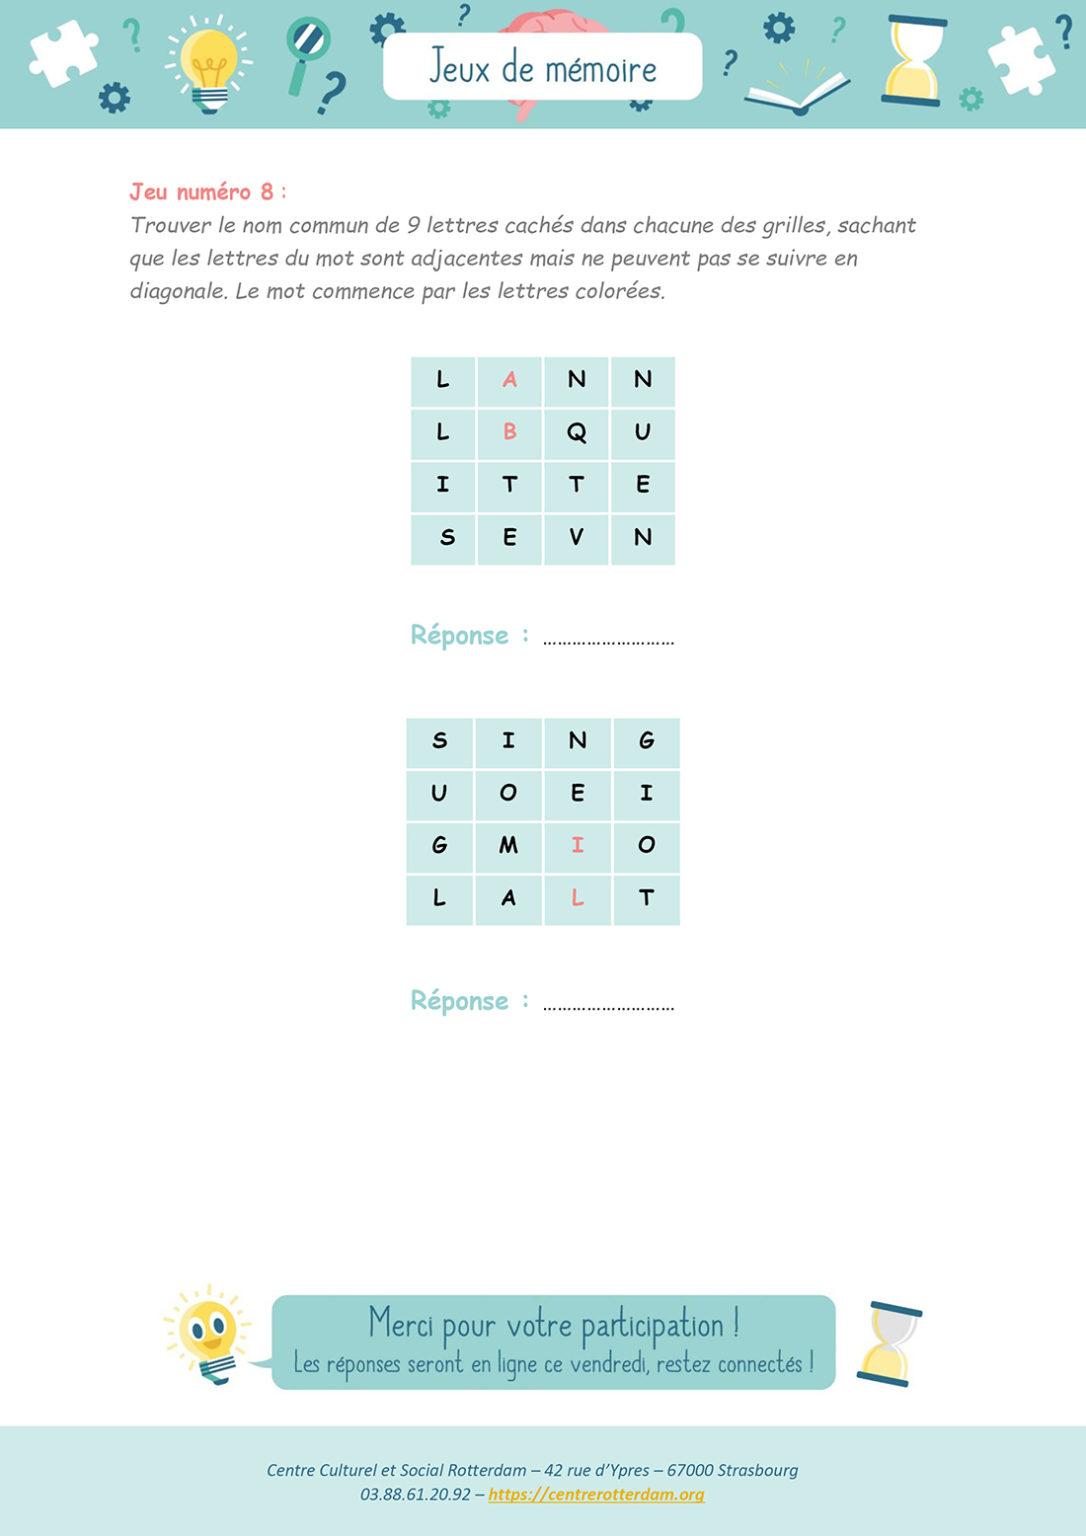 Jeux de mémoire - Mardi 30 mars 2021 - Page 5